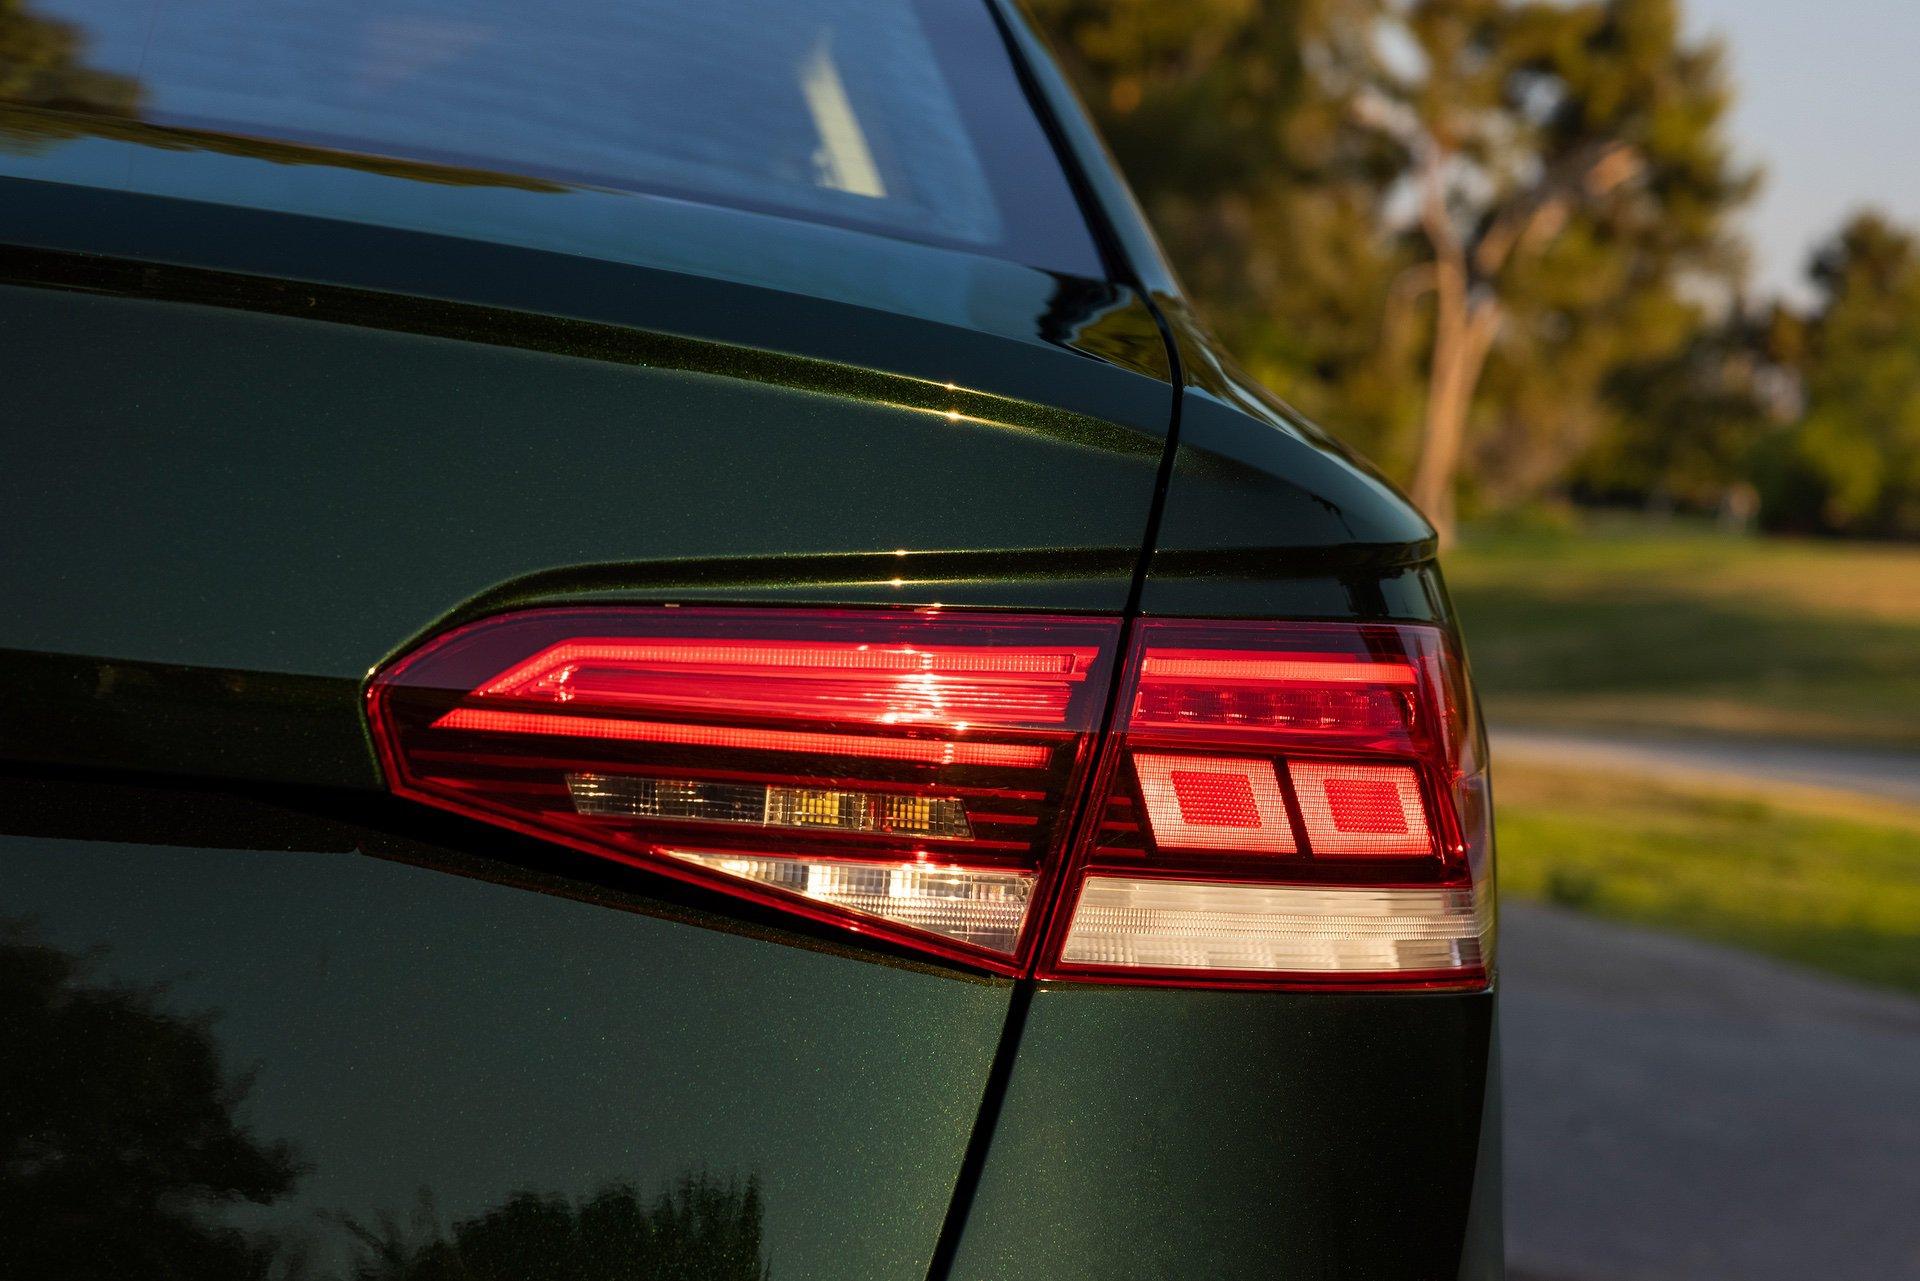 VW_Passat_Limited_Edition_US_spec-0006